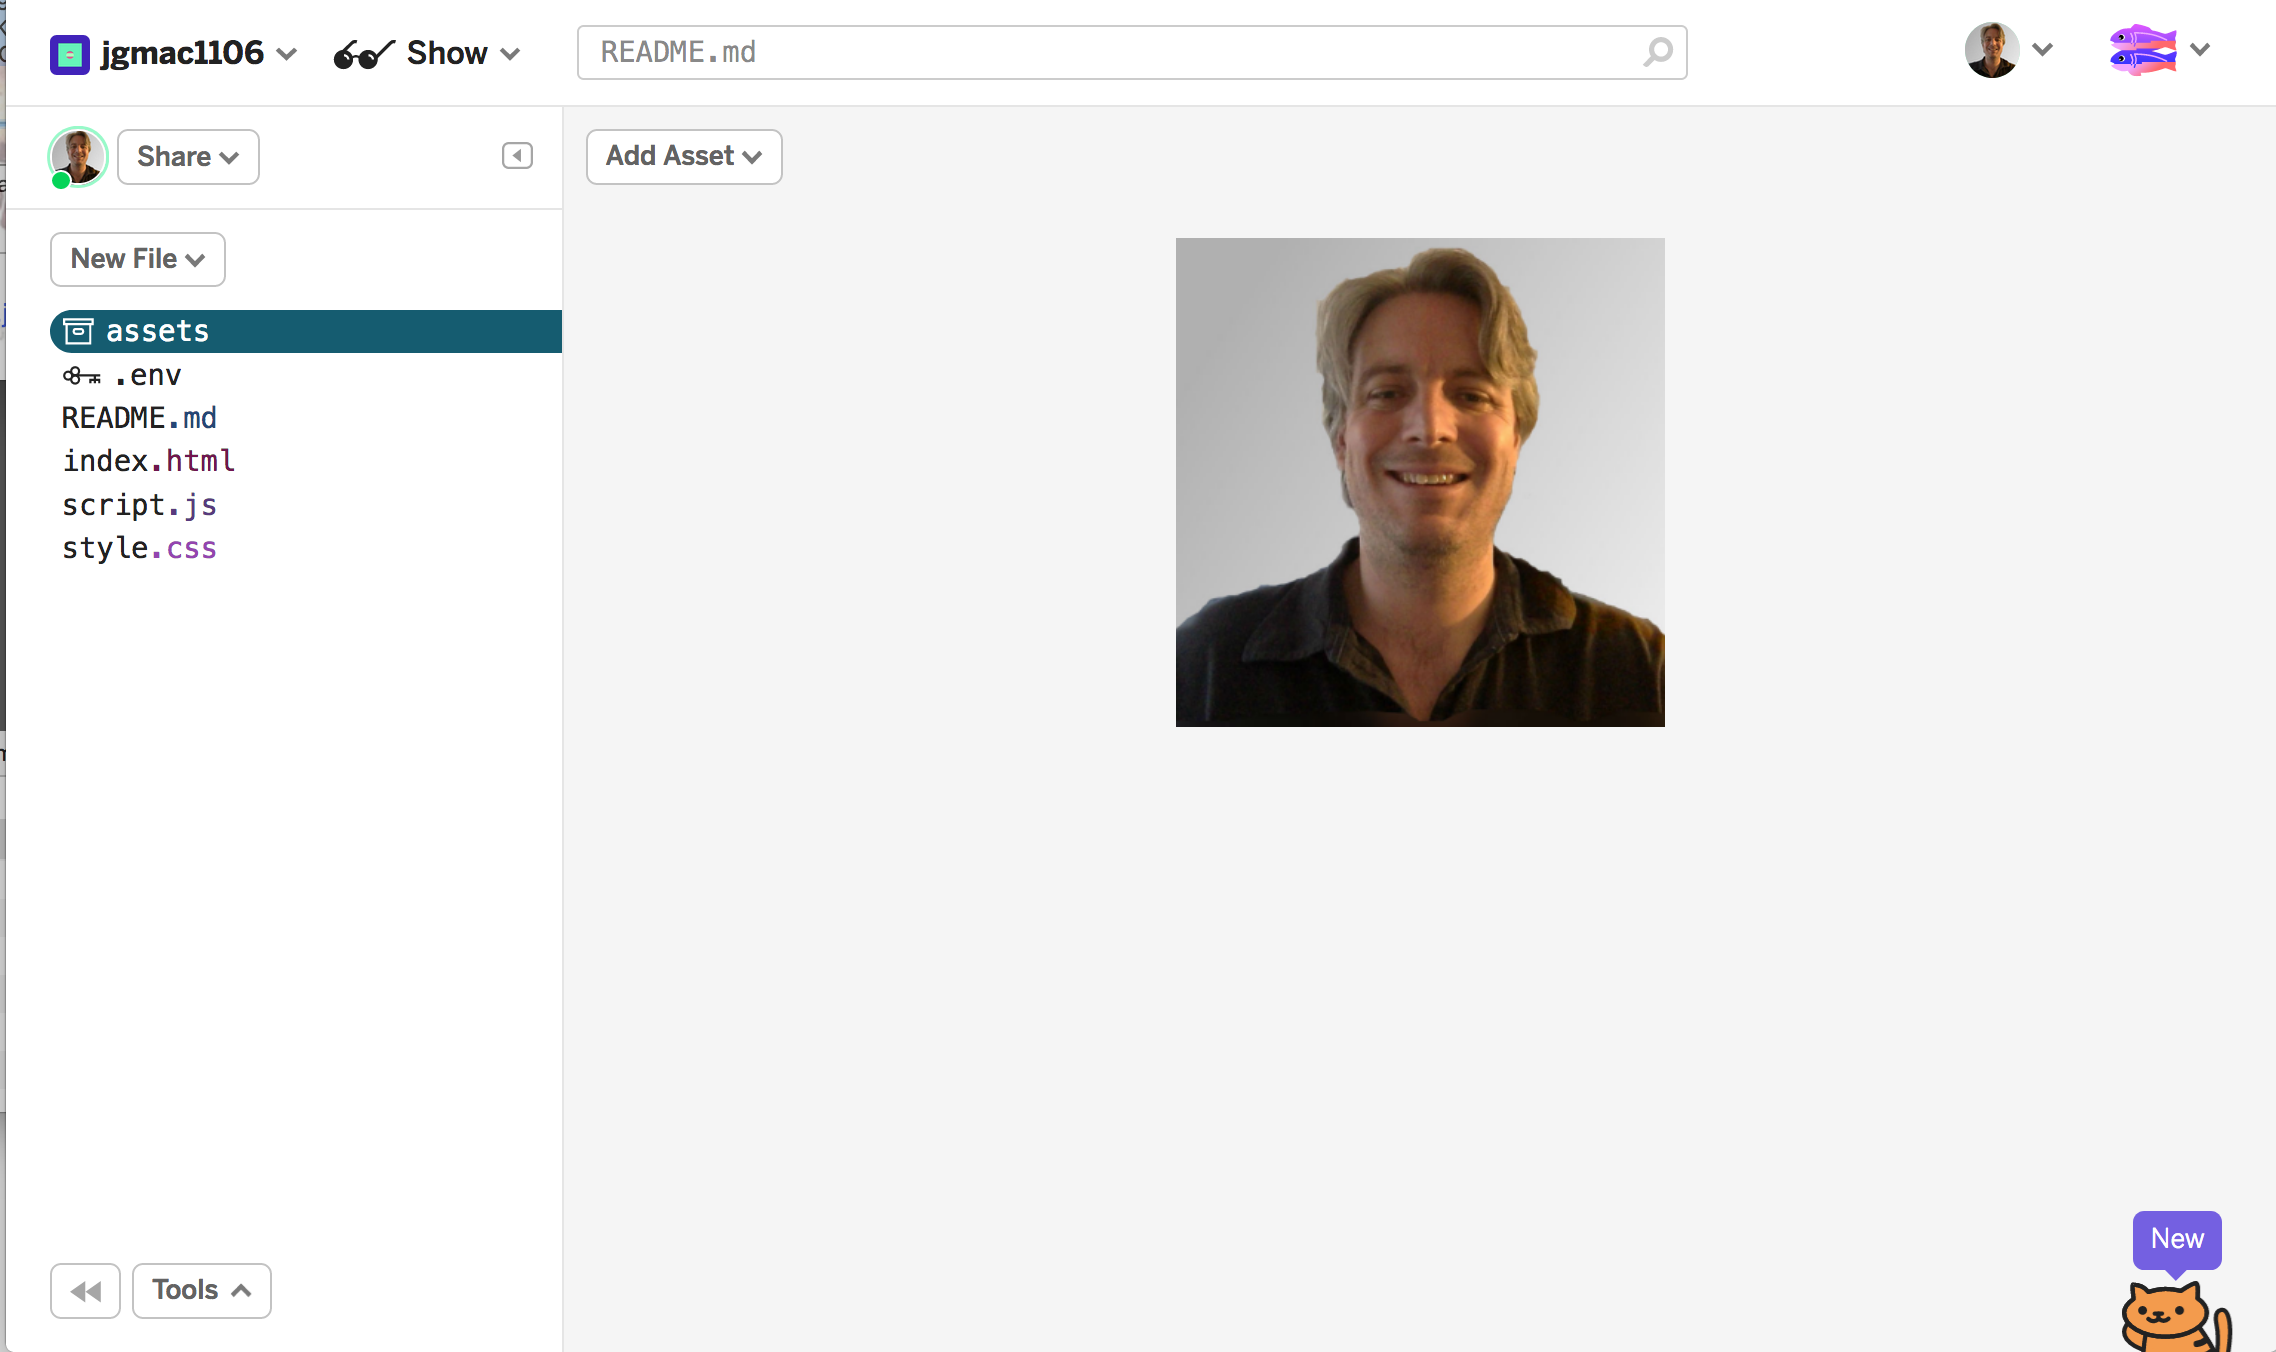 screenshot clicking on assets